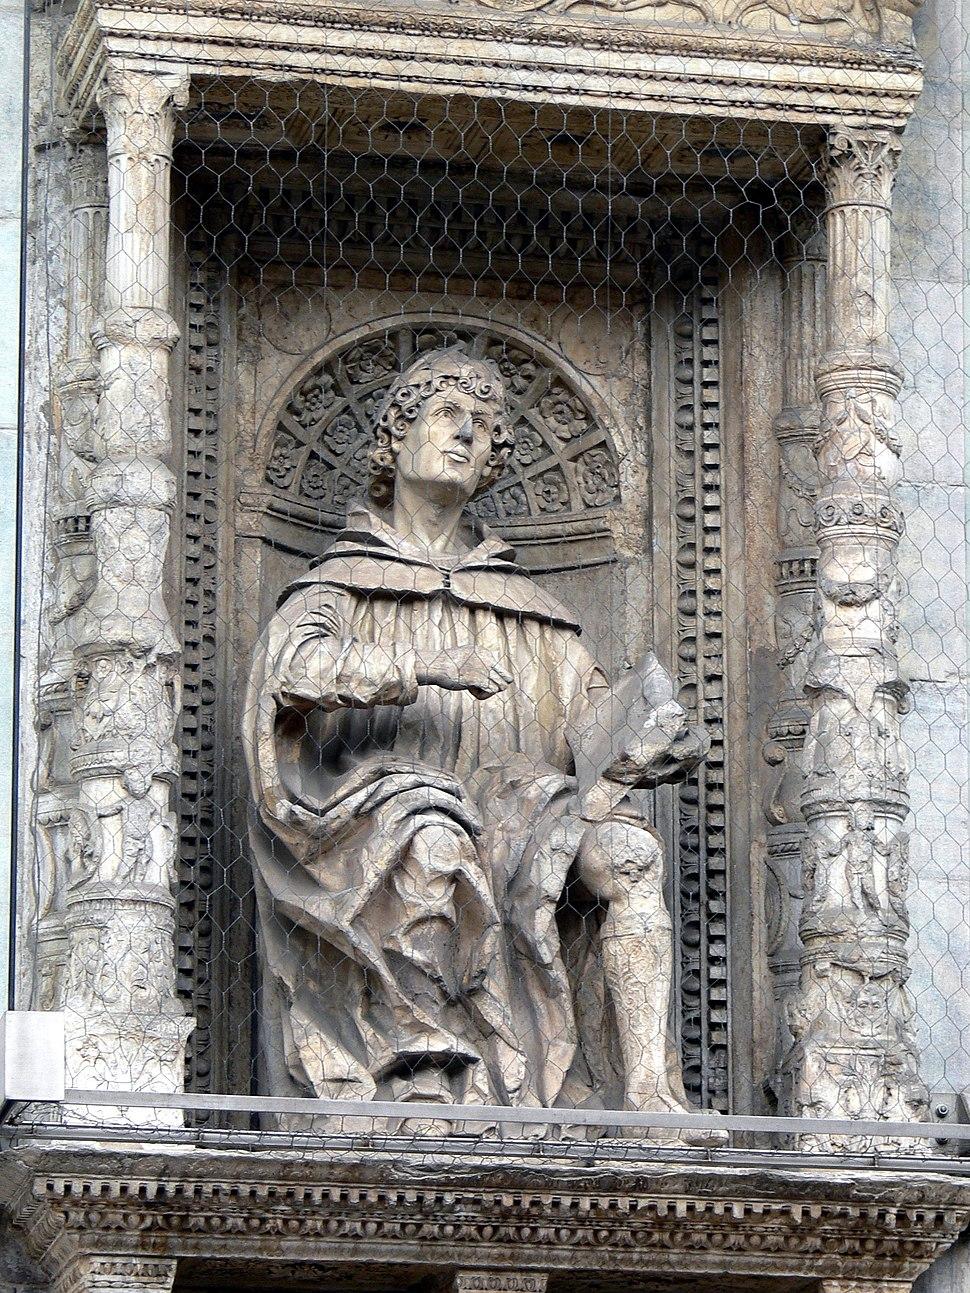 Como - Dome - Facade - Plinius the Elder